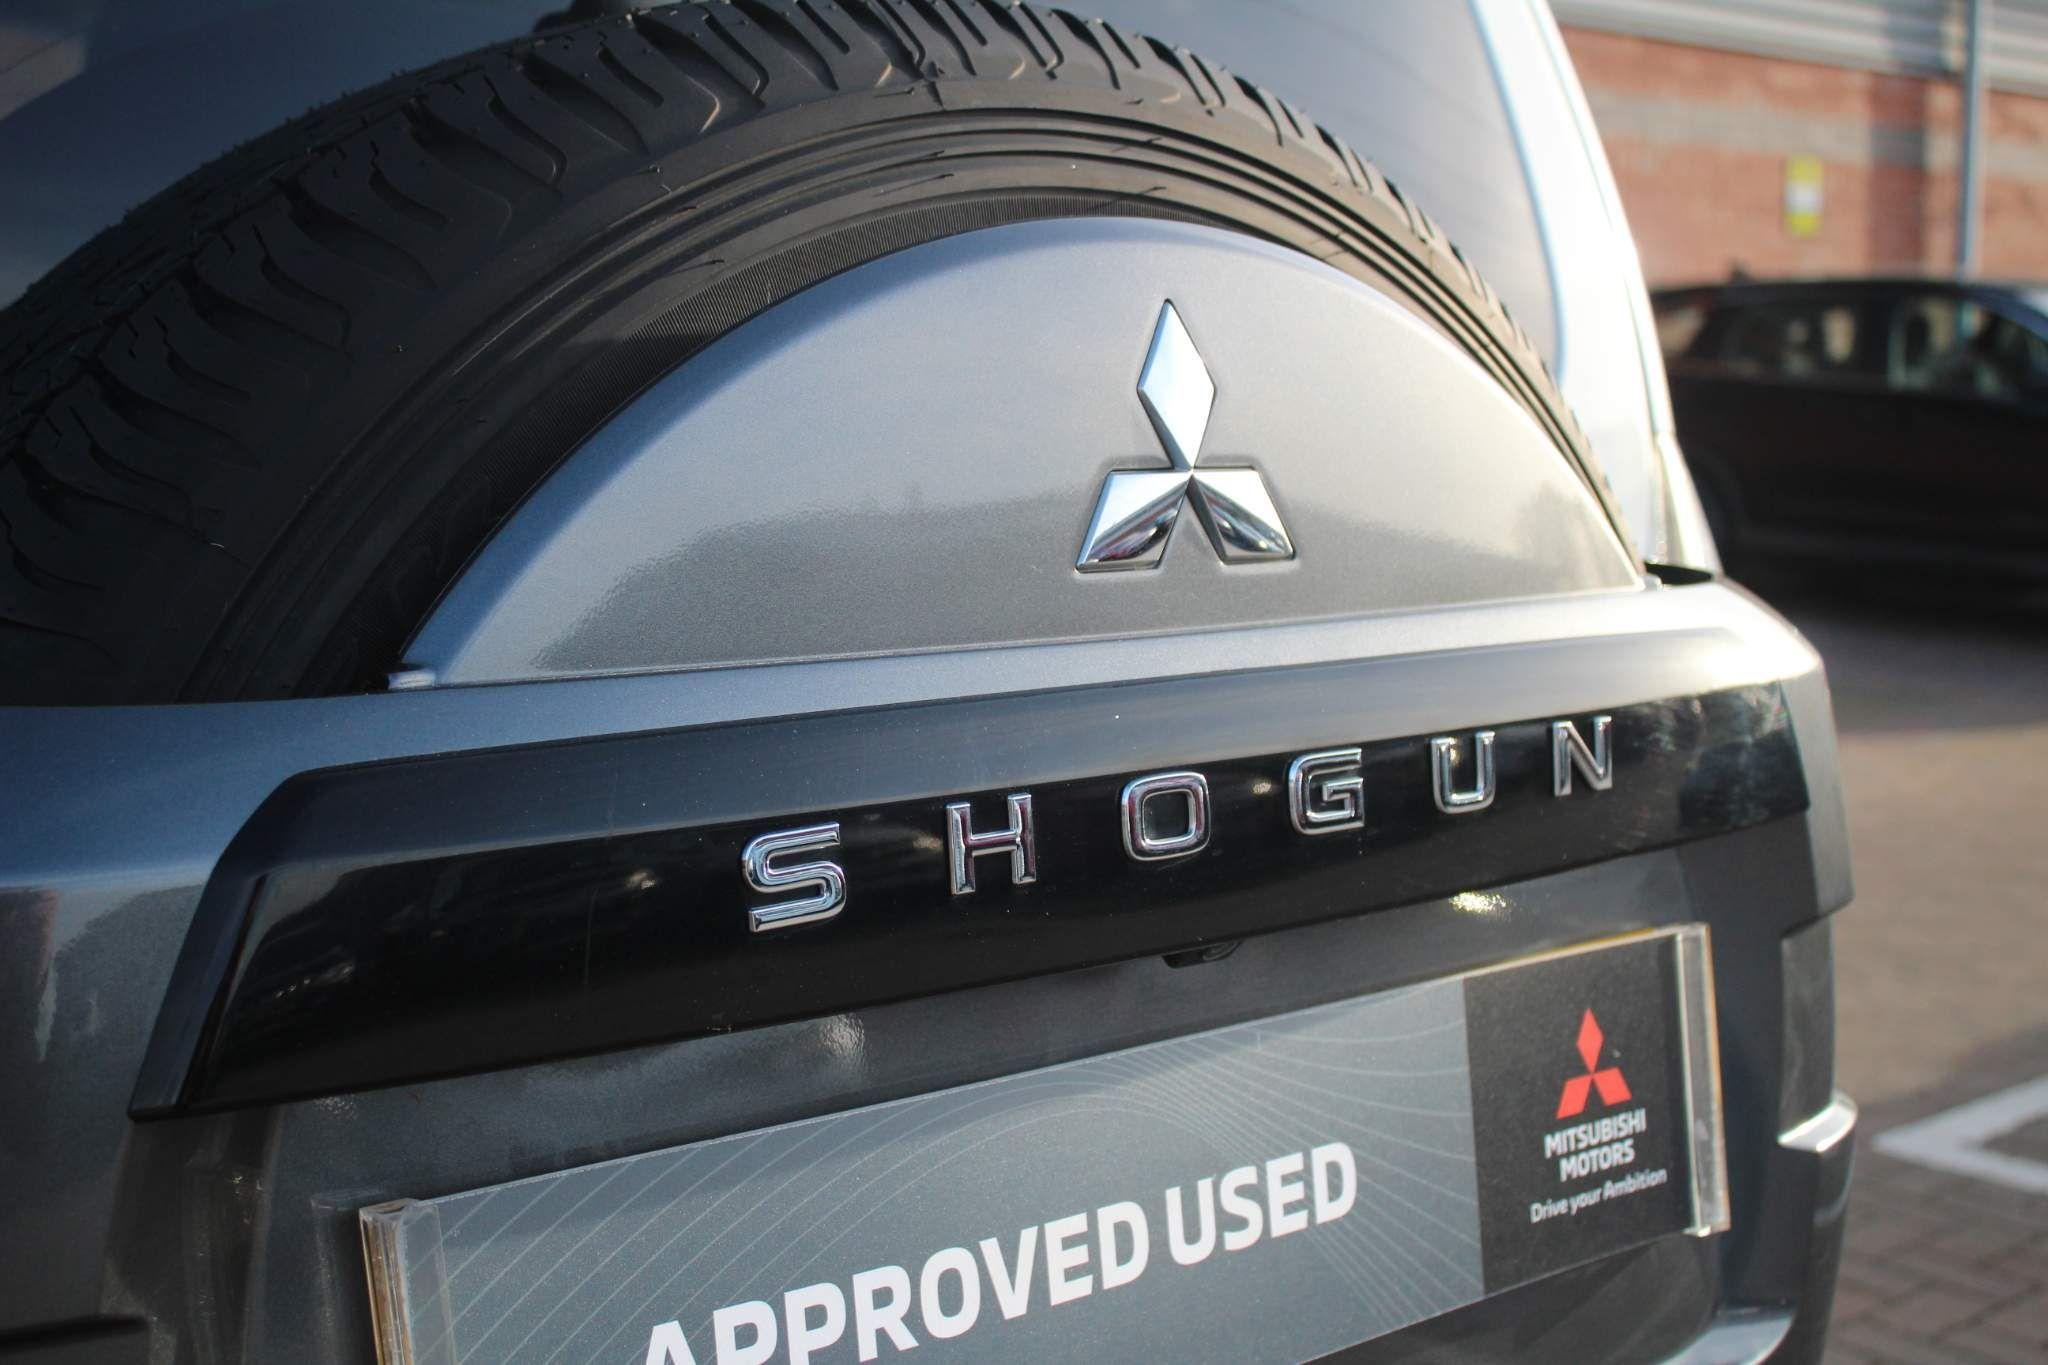 Mitsubishi Shogun Images